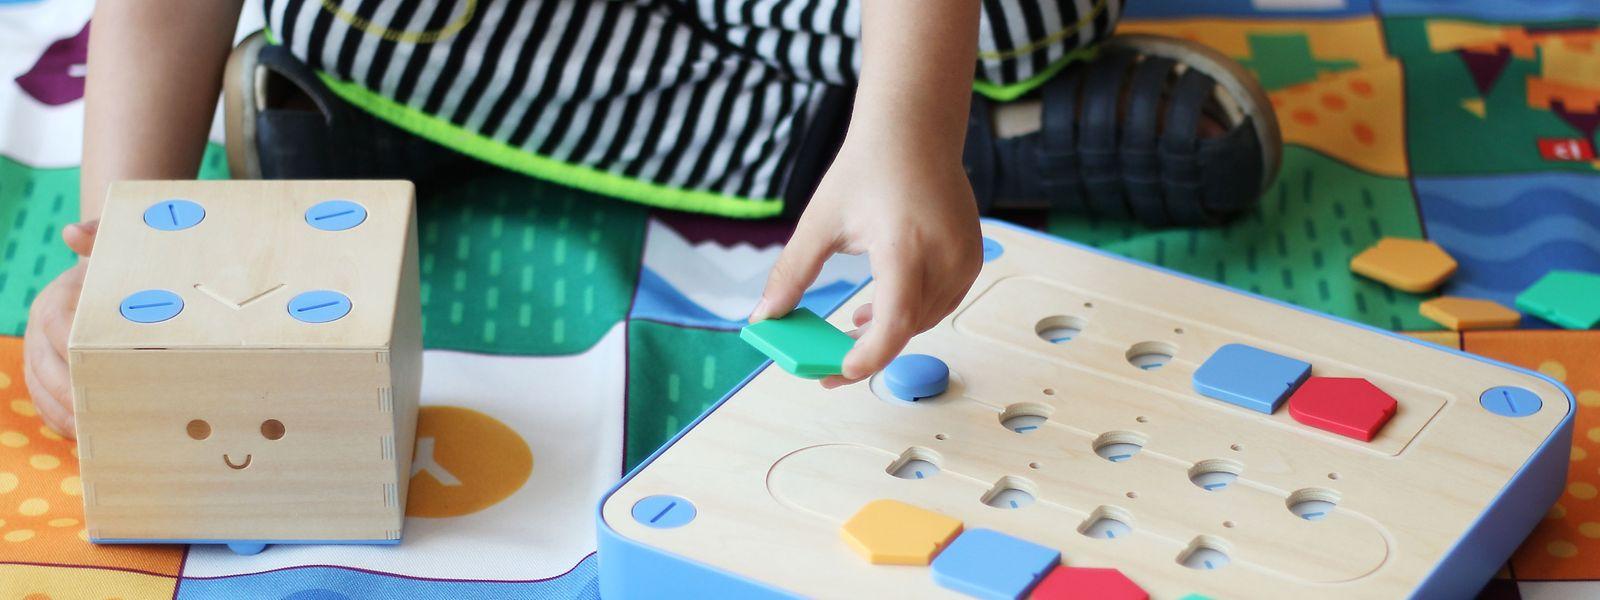 Der Cubetto ist ein Holzroboter mit Rollen. Er lässt sich mit bunten Bausteinen auf dem Bedienfeld steuern. Jede Farbe steht für eine andere Bewegung, die der Roboter ausführen soll.